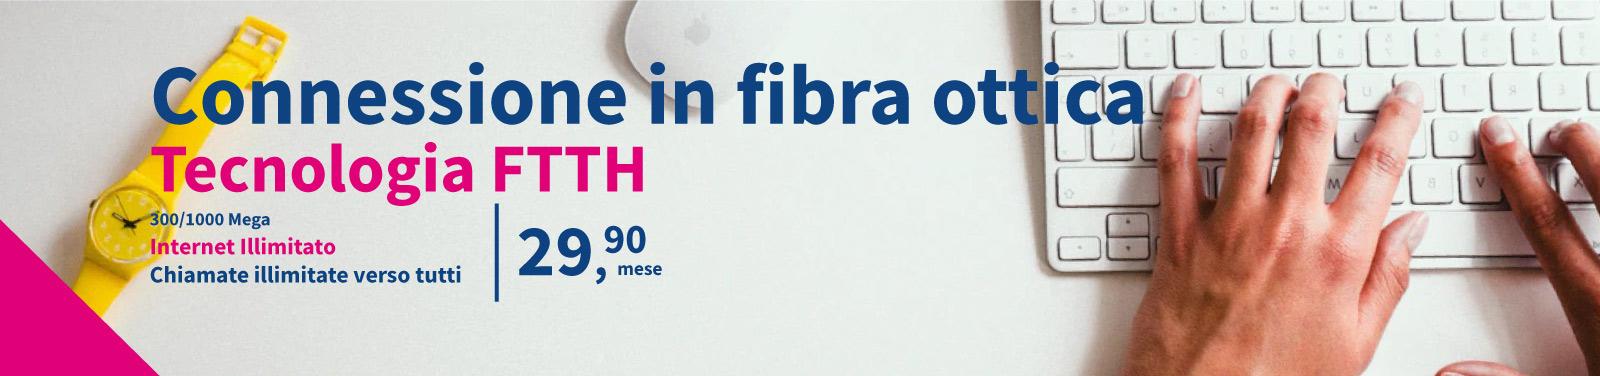 ftth fibra 300-1000 mega